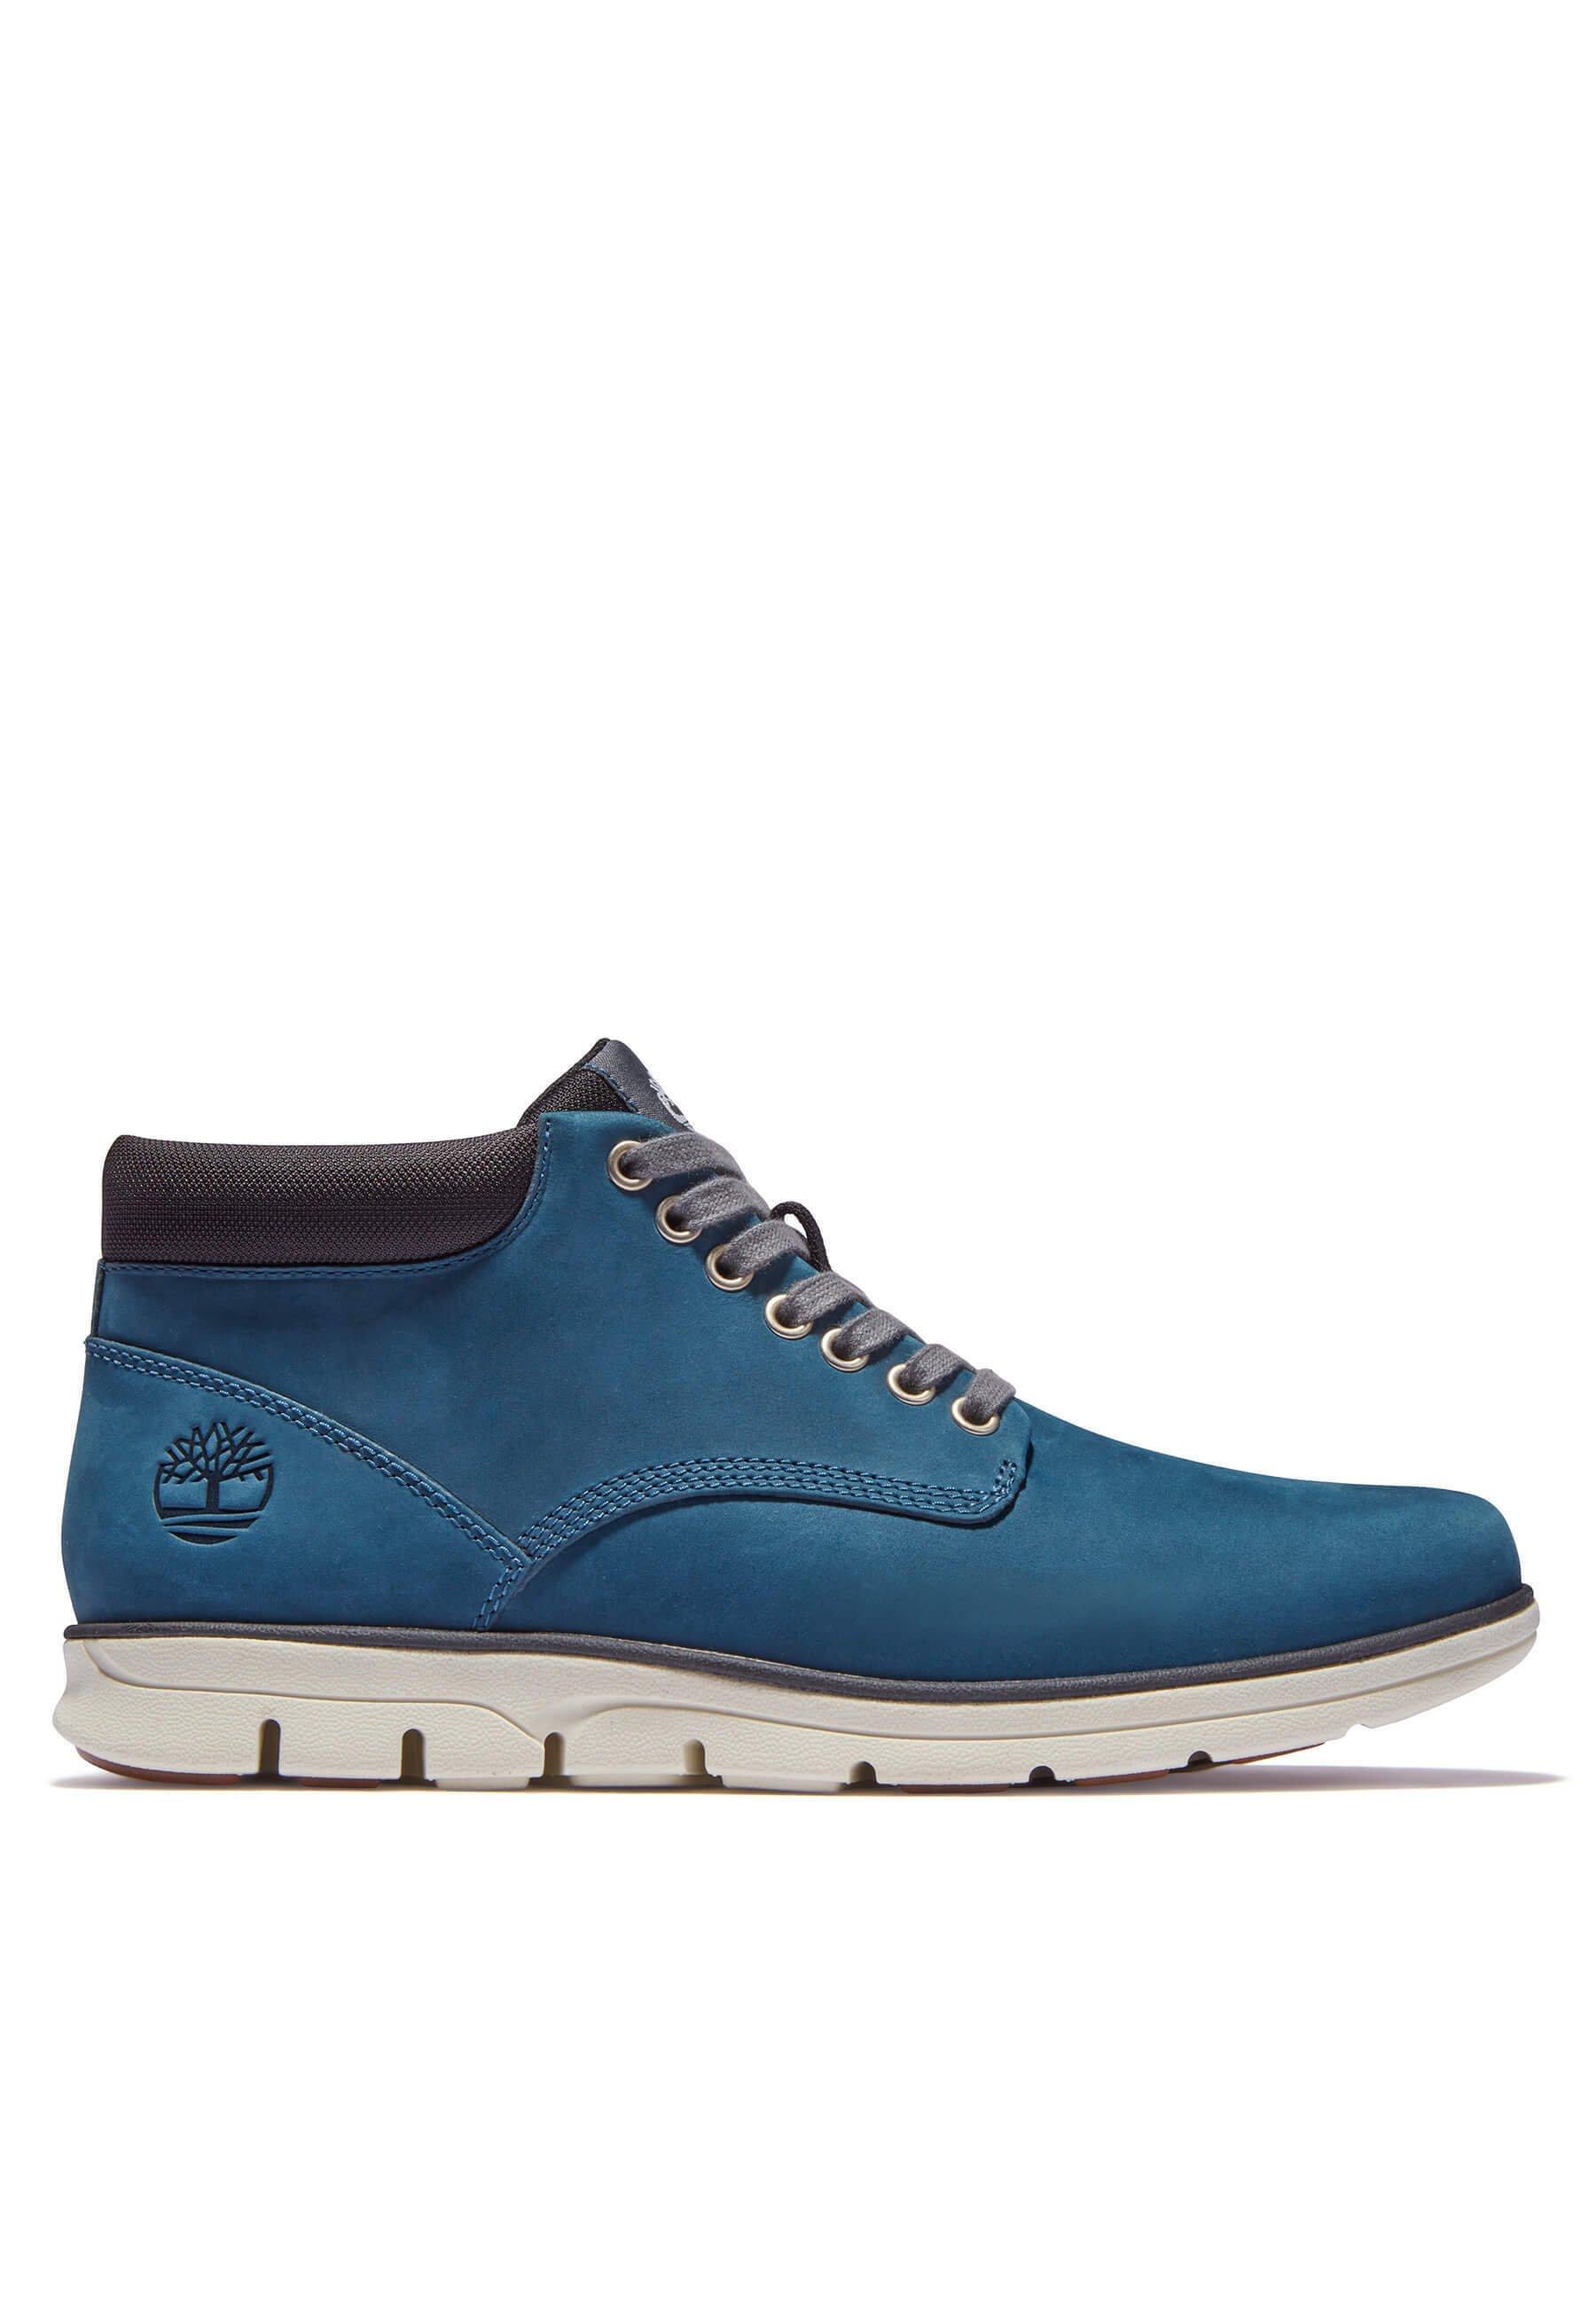 Homme BRADSTREET CHUKKA  - Chaussures de randonnée